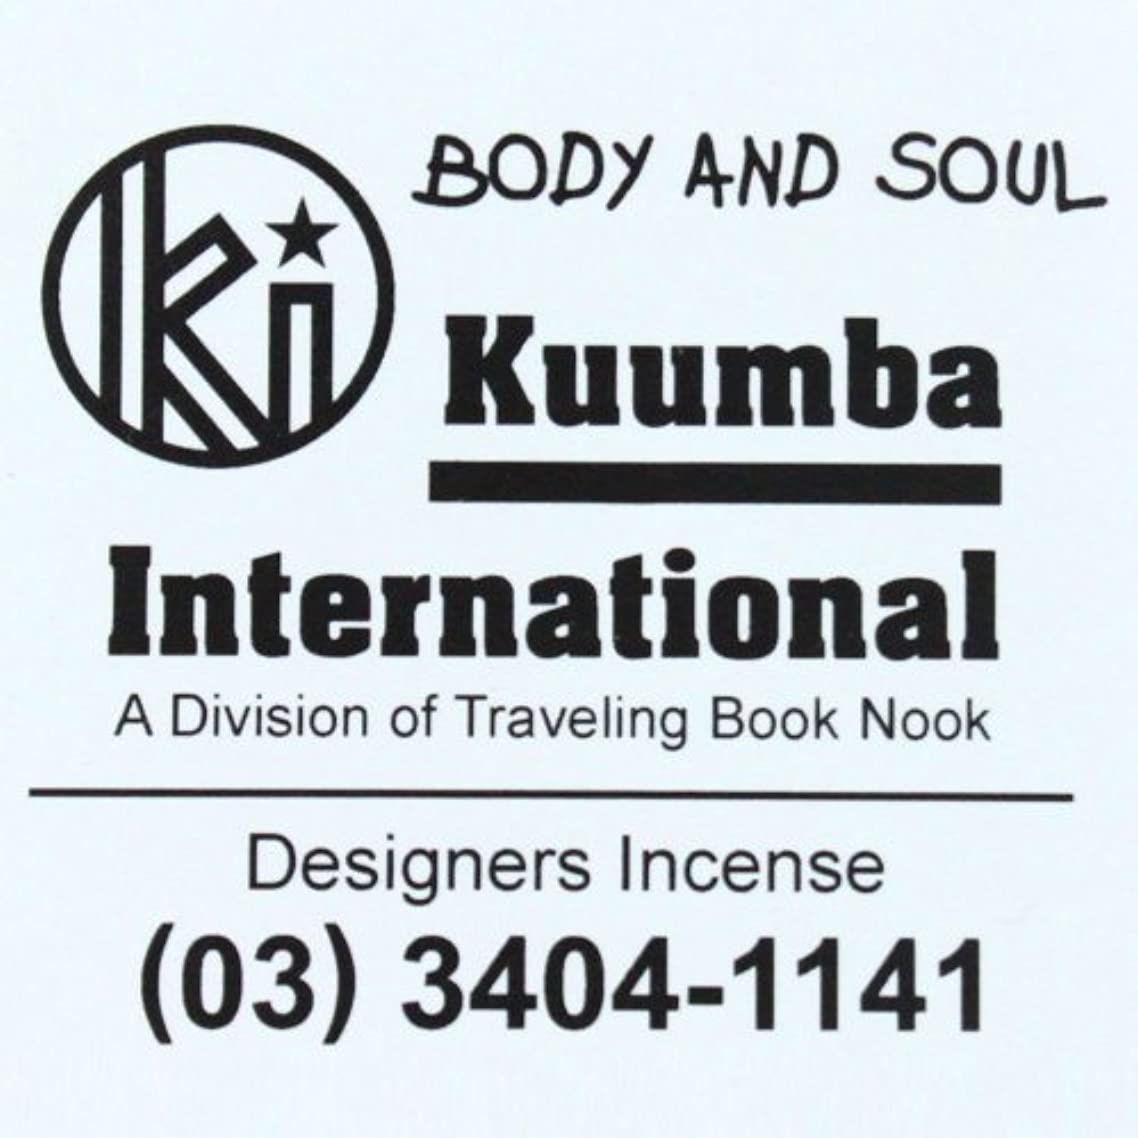 風刺控えめな物理的にKUUMBA (クンバ)『incense』(BODY AND SOUL) (Regular size)